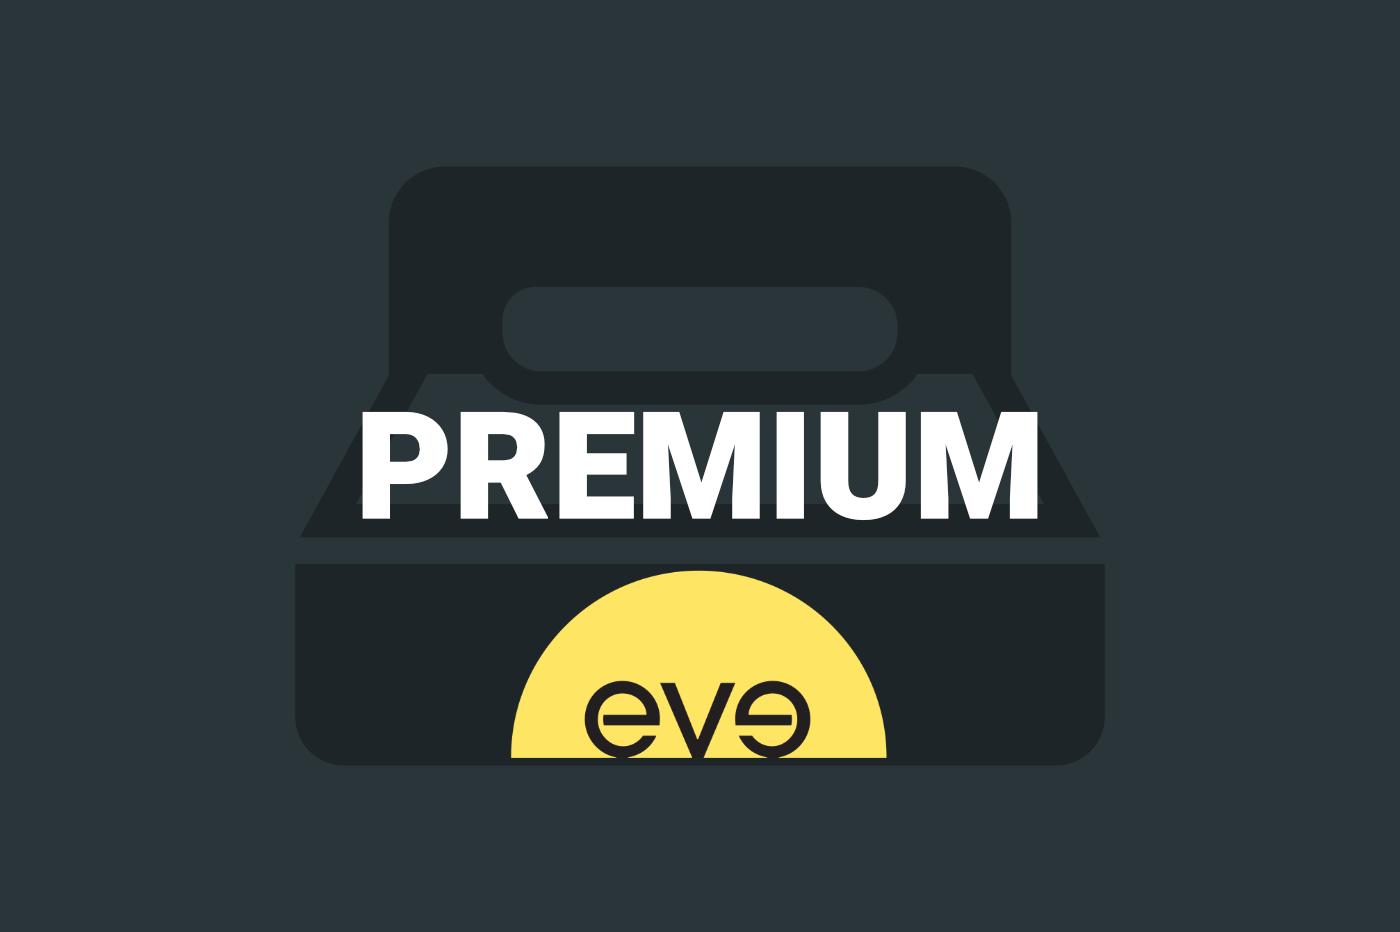 Eve Premium